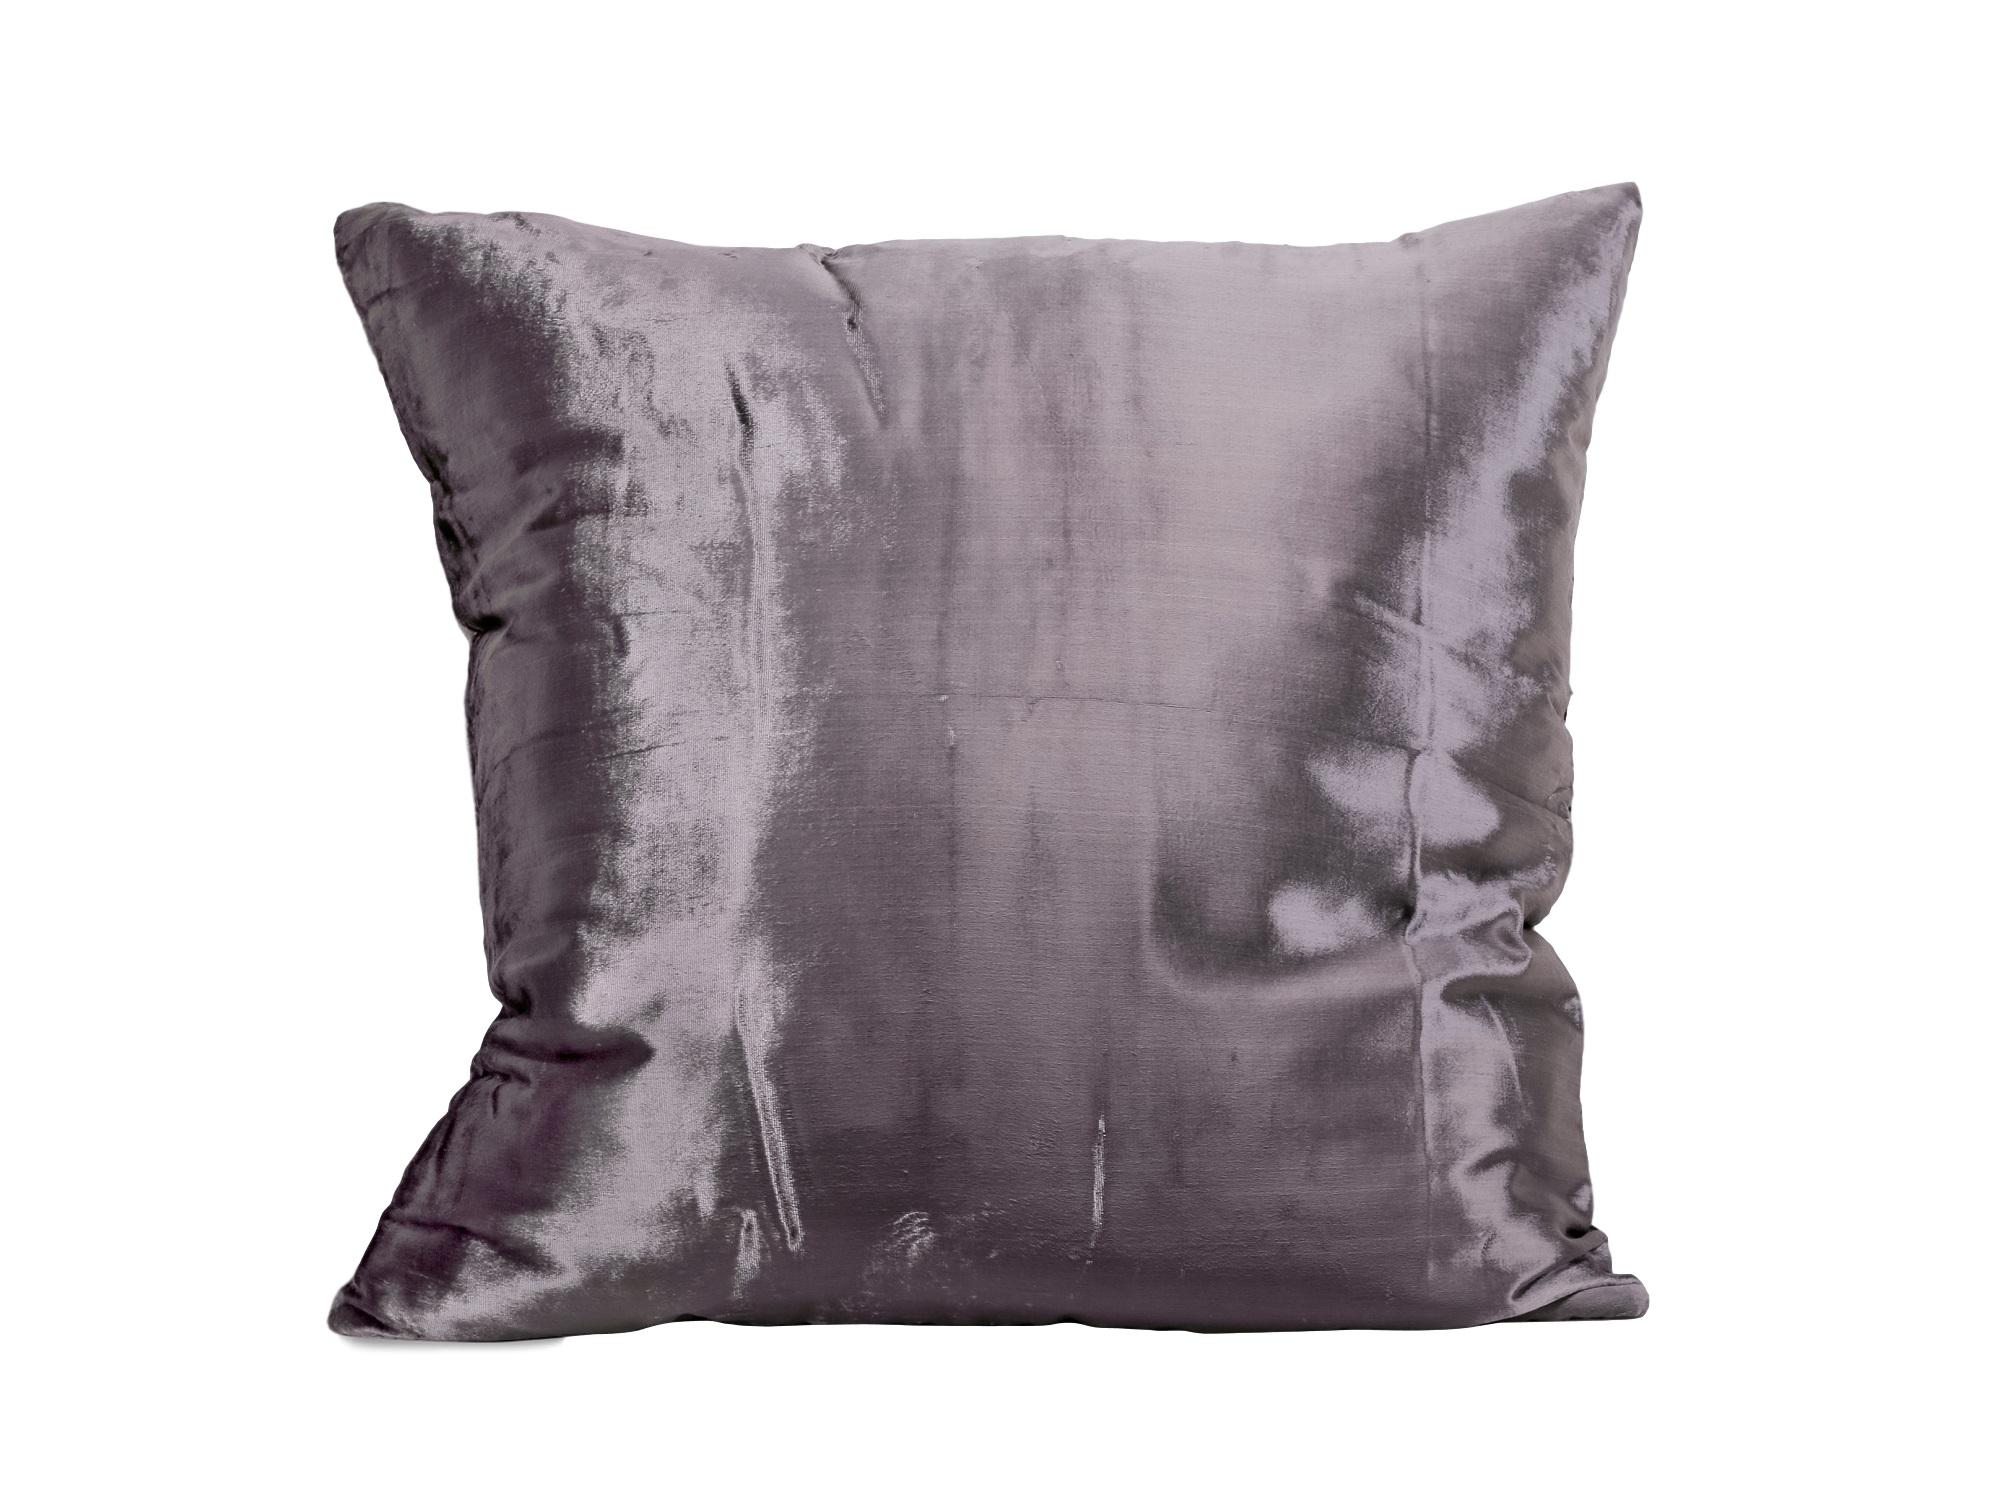 Подушка «Горький шоколад»Квадратные подушки<br>Чехлы для подушек от датского дизайнера Annette Egholm.<br><br>Material: Текстиль<br>Width см: 60<br>Depth см: 10<br>Height см: 60